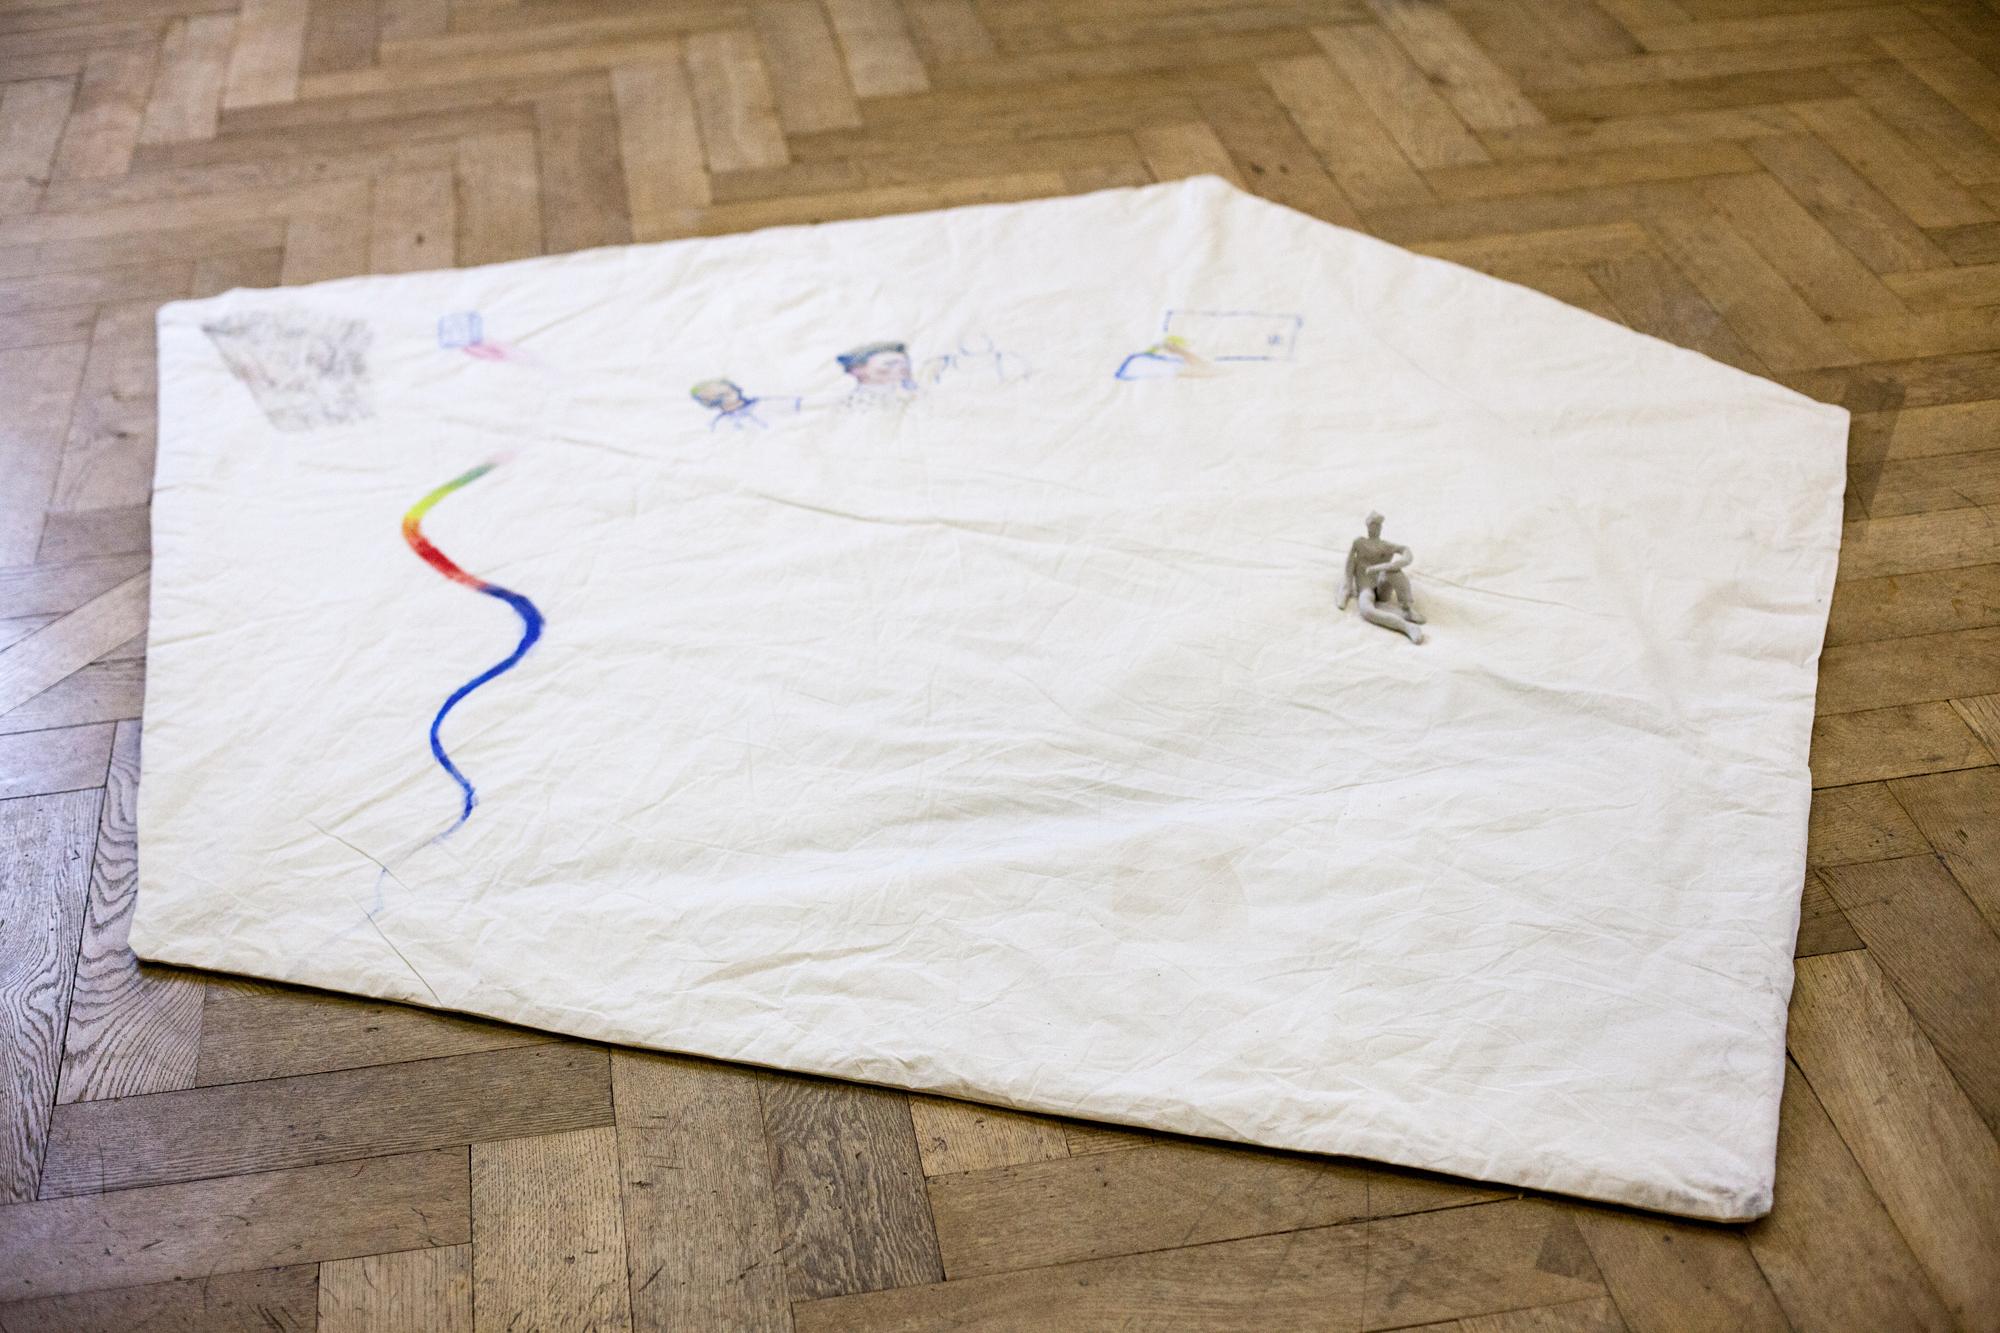 Der Arbeitsplatz im Ausstellungsraum: Die kleine Decke aus dem Materialmarkt diente Kiss drei Wochen lang als Arbeitsfläche.